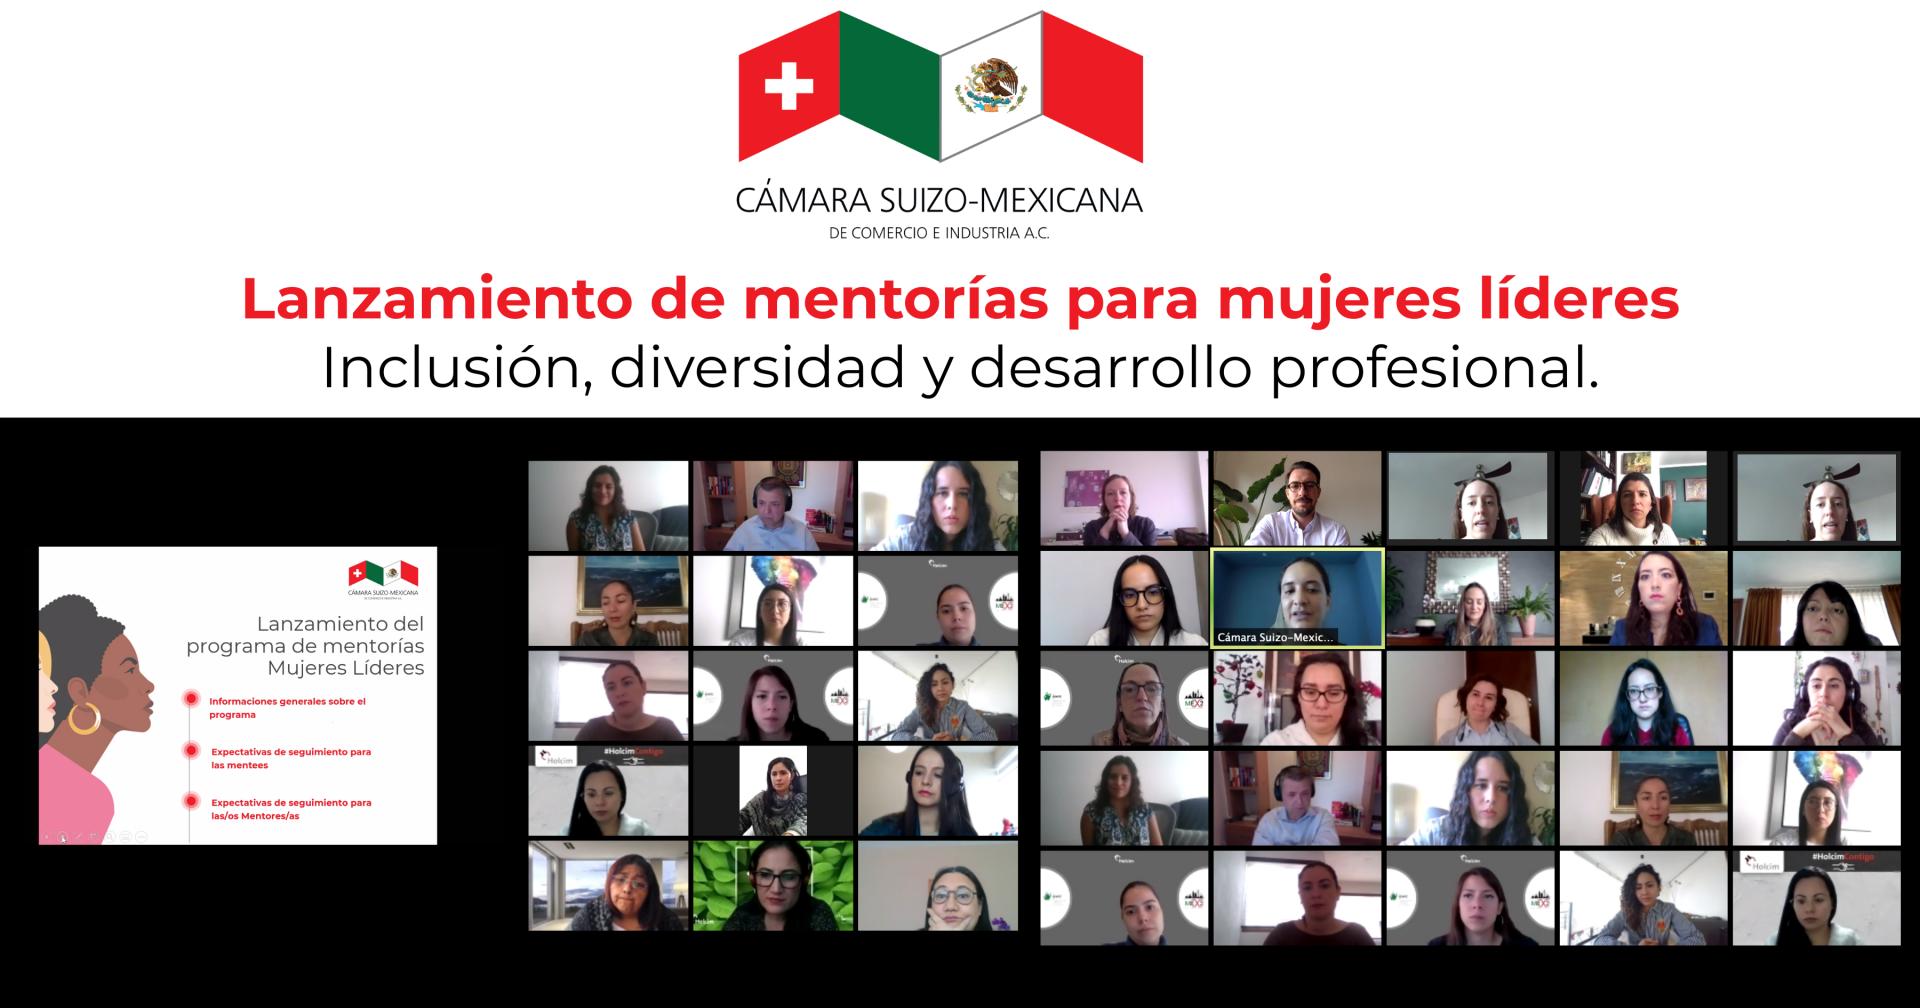 Lanzamiento del programa de mentorías de mujeres líderes